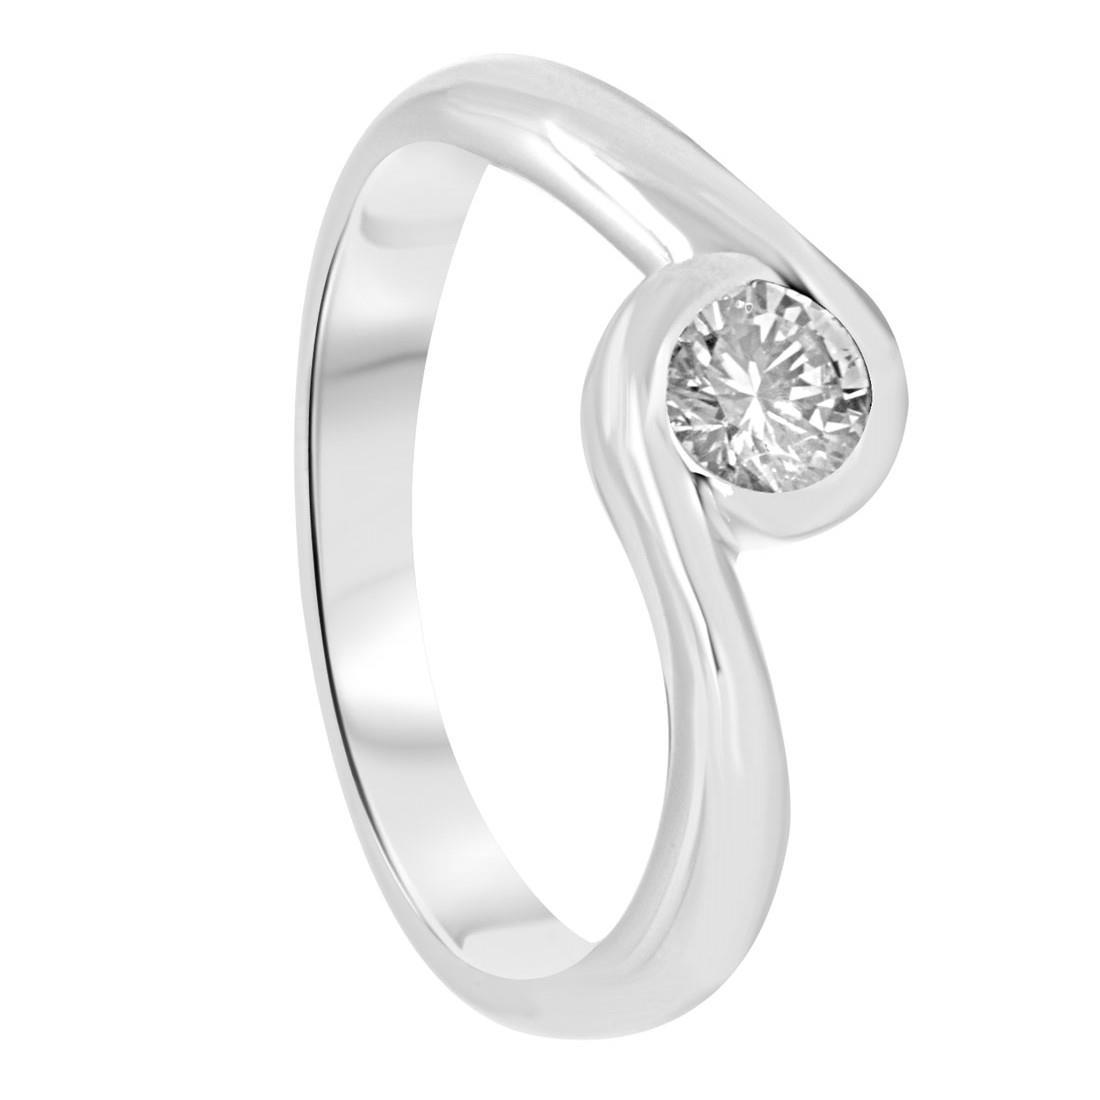 Anello solitario in oro bianco e diamante 0,30 ct mis 13 - ORO&CO